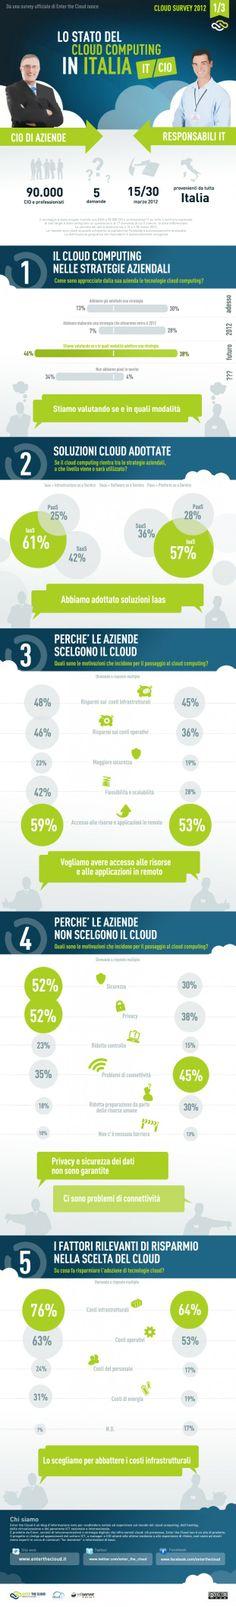 Enter the Cloud | Cloud survey 2012 - La visione di CIO e professionisti IT a confronto